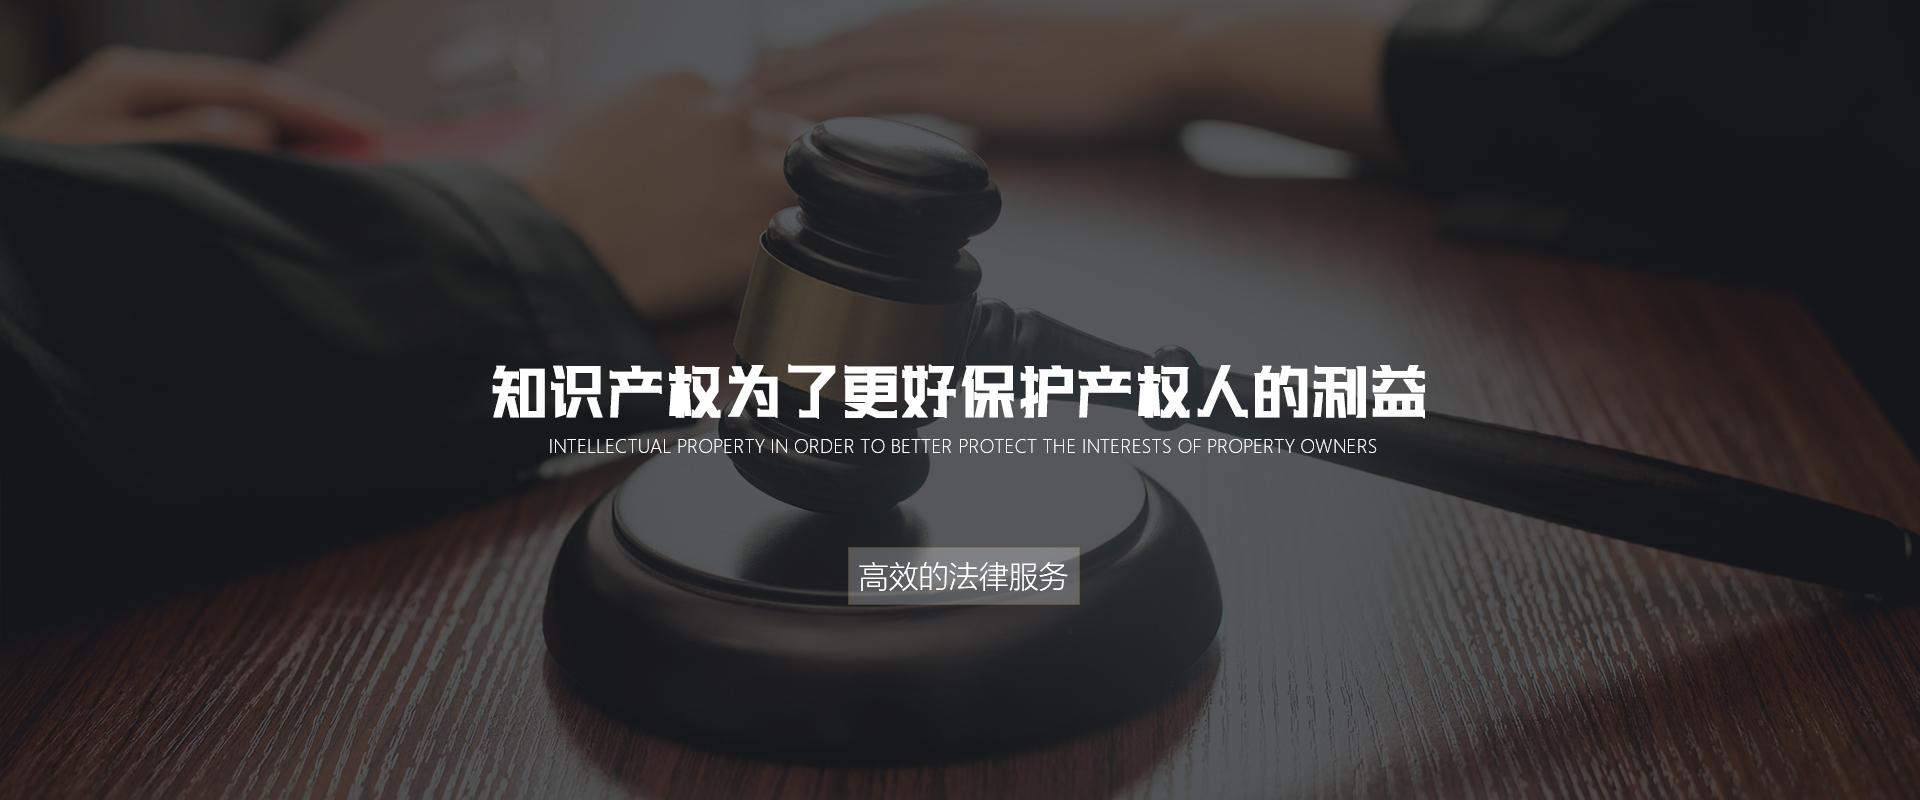 重庆刑事律师咨询